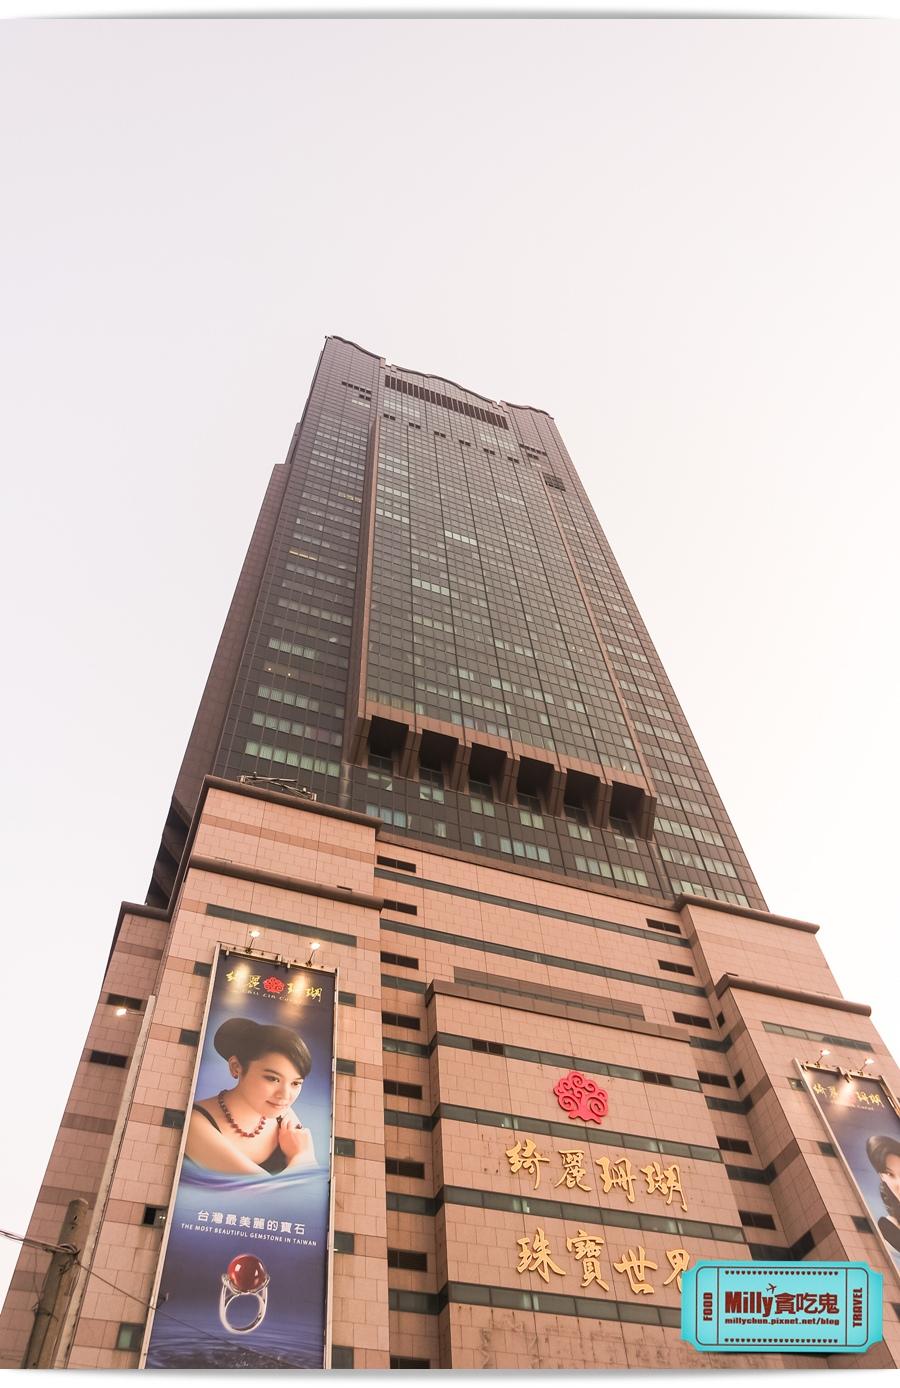 85大樓美麗灣日租套房 0001.jpg